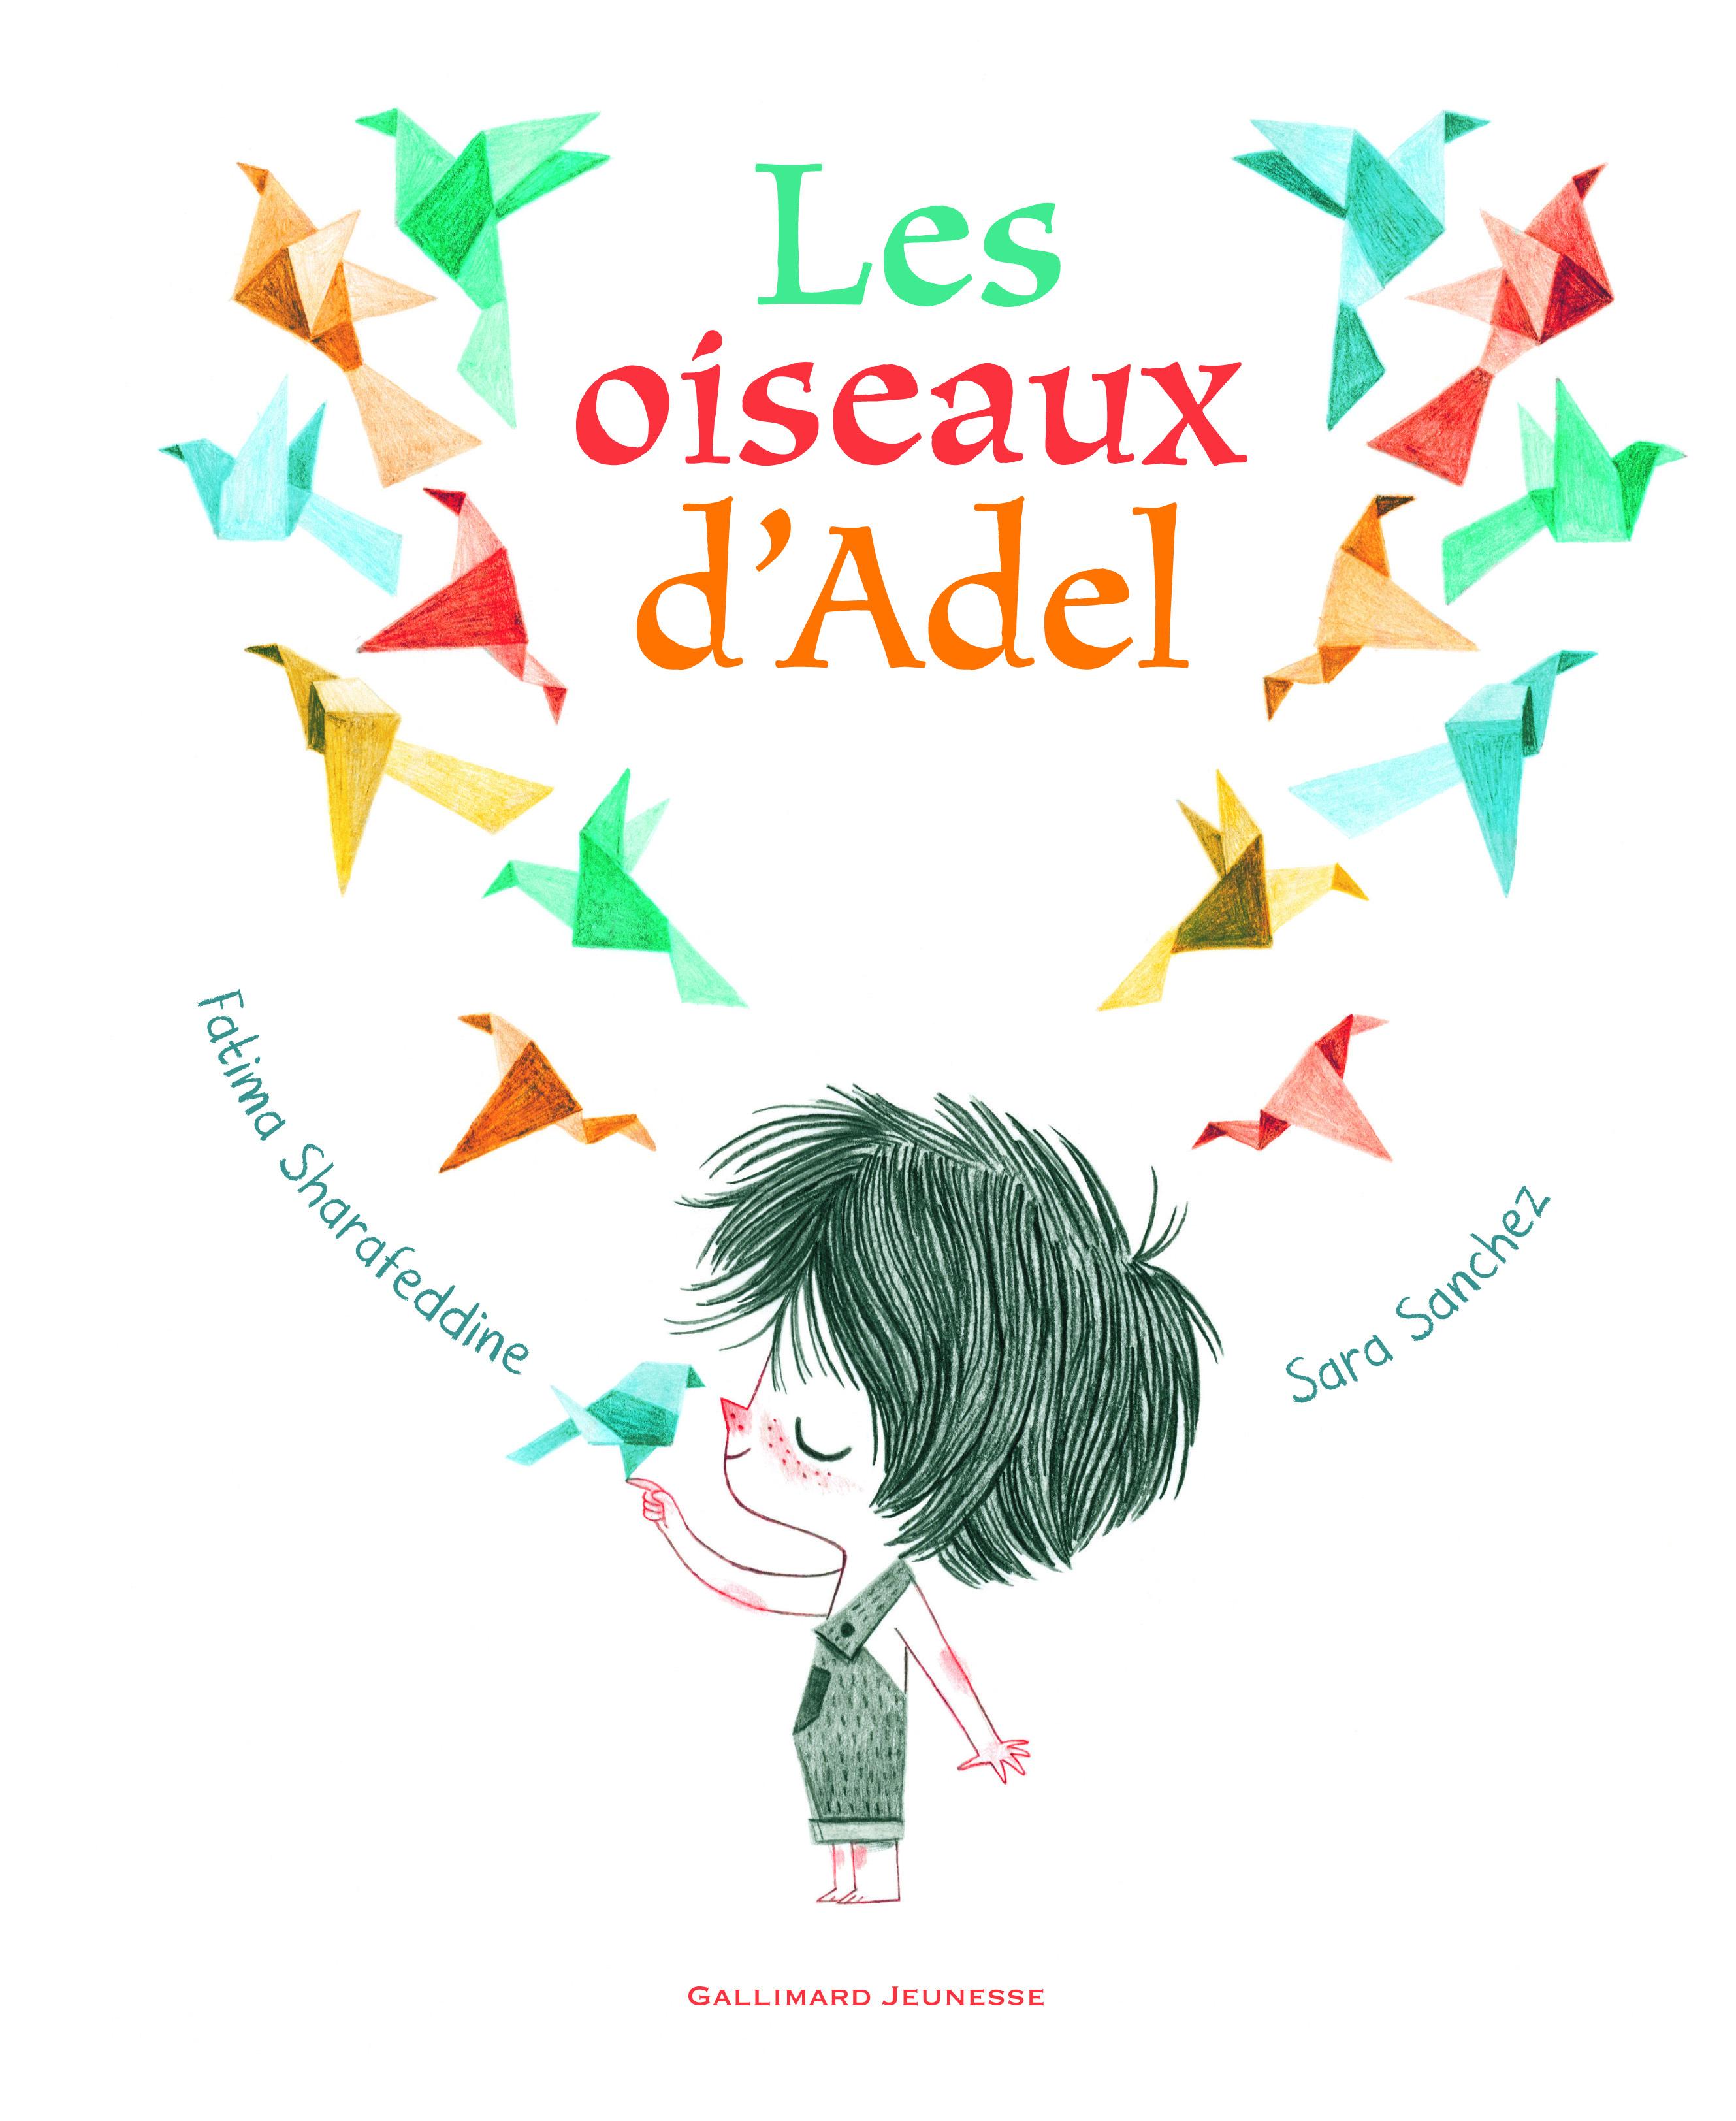 LES OISEAUX D'ADEL